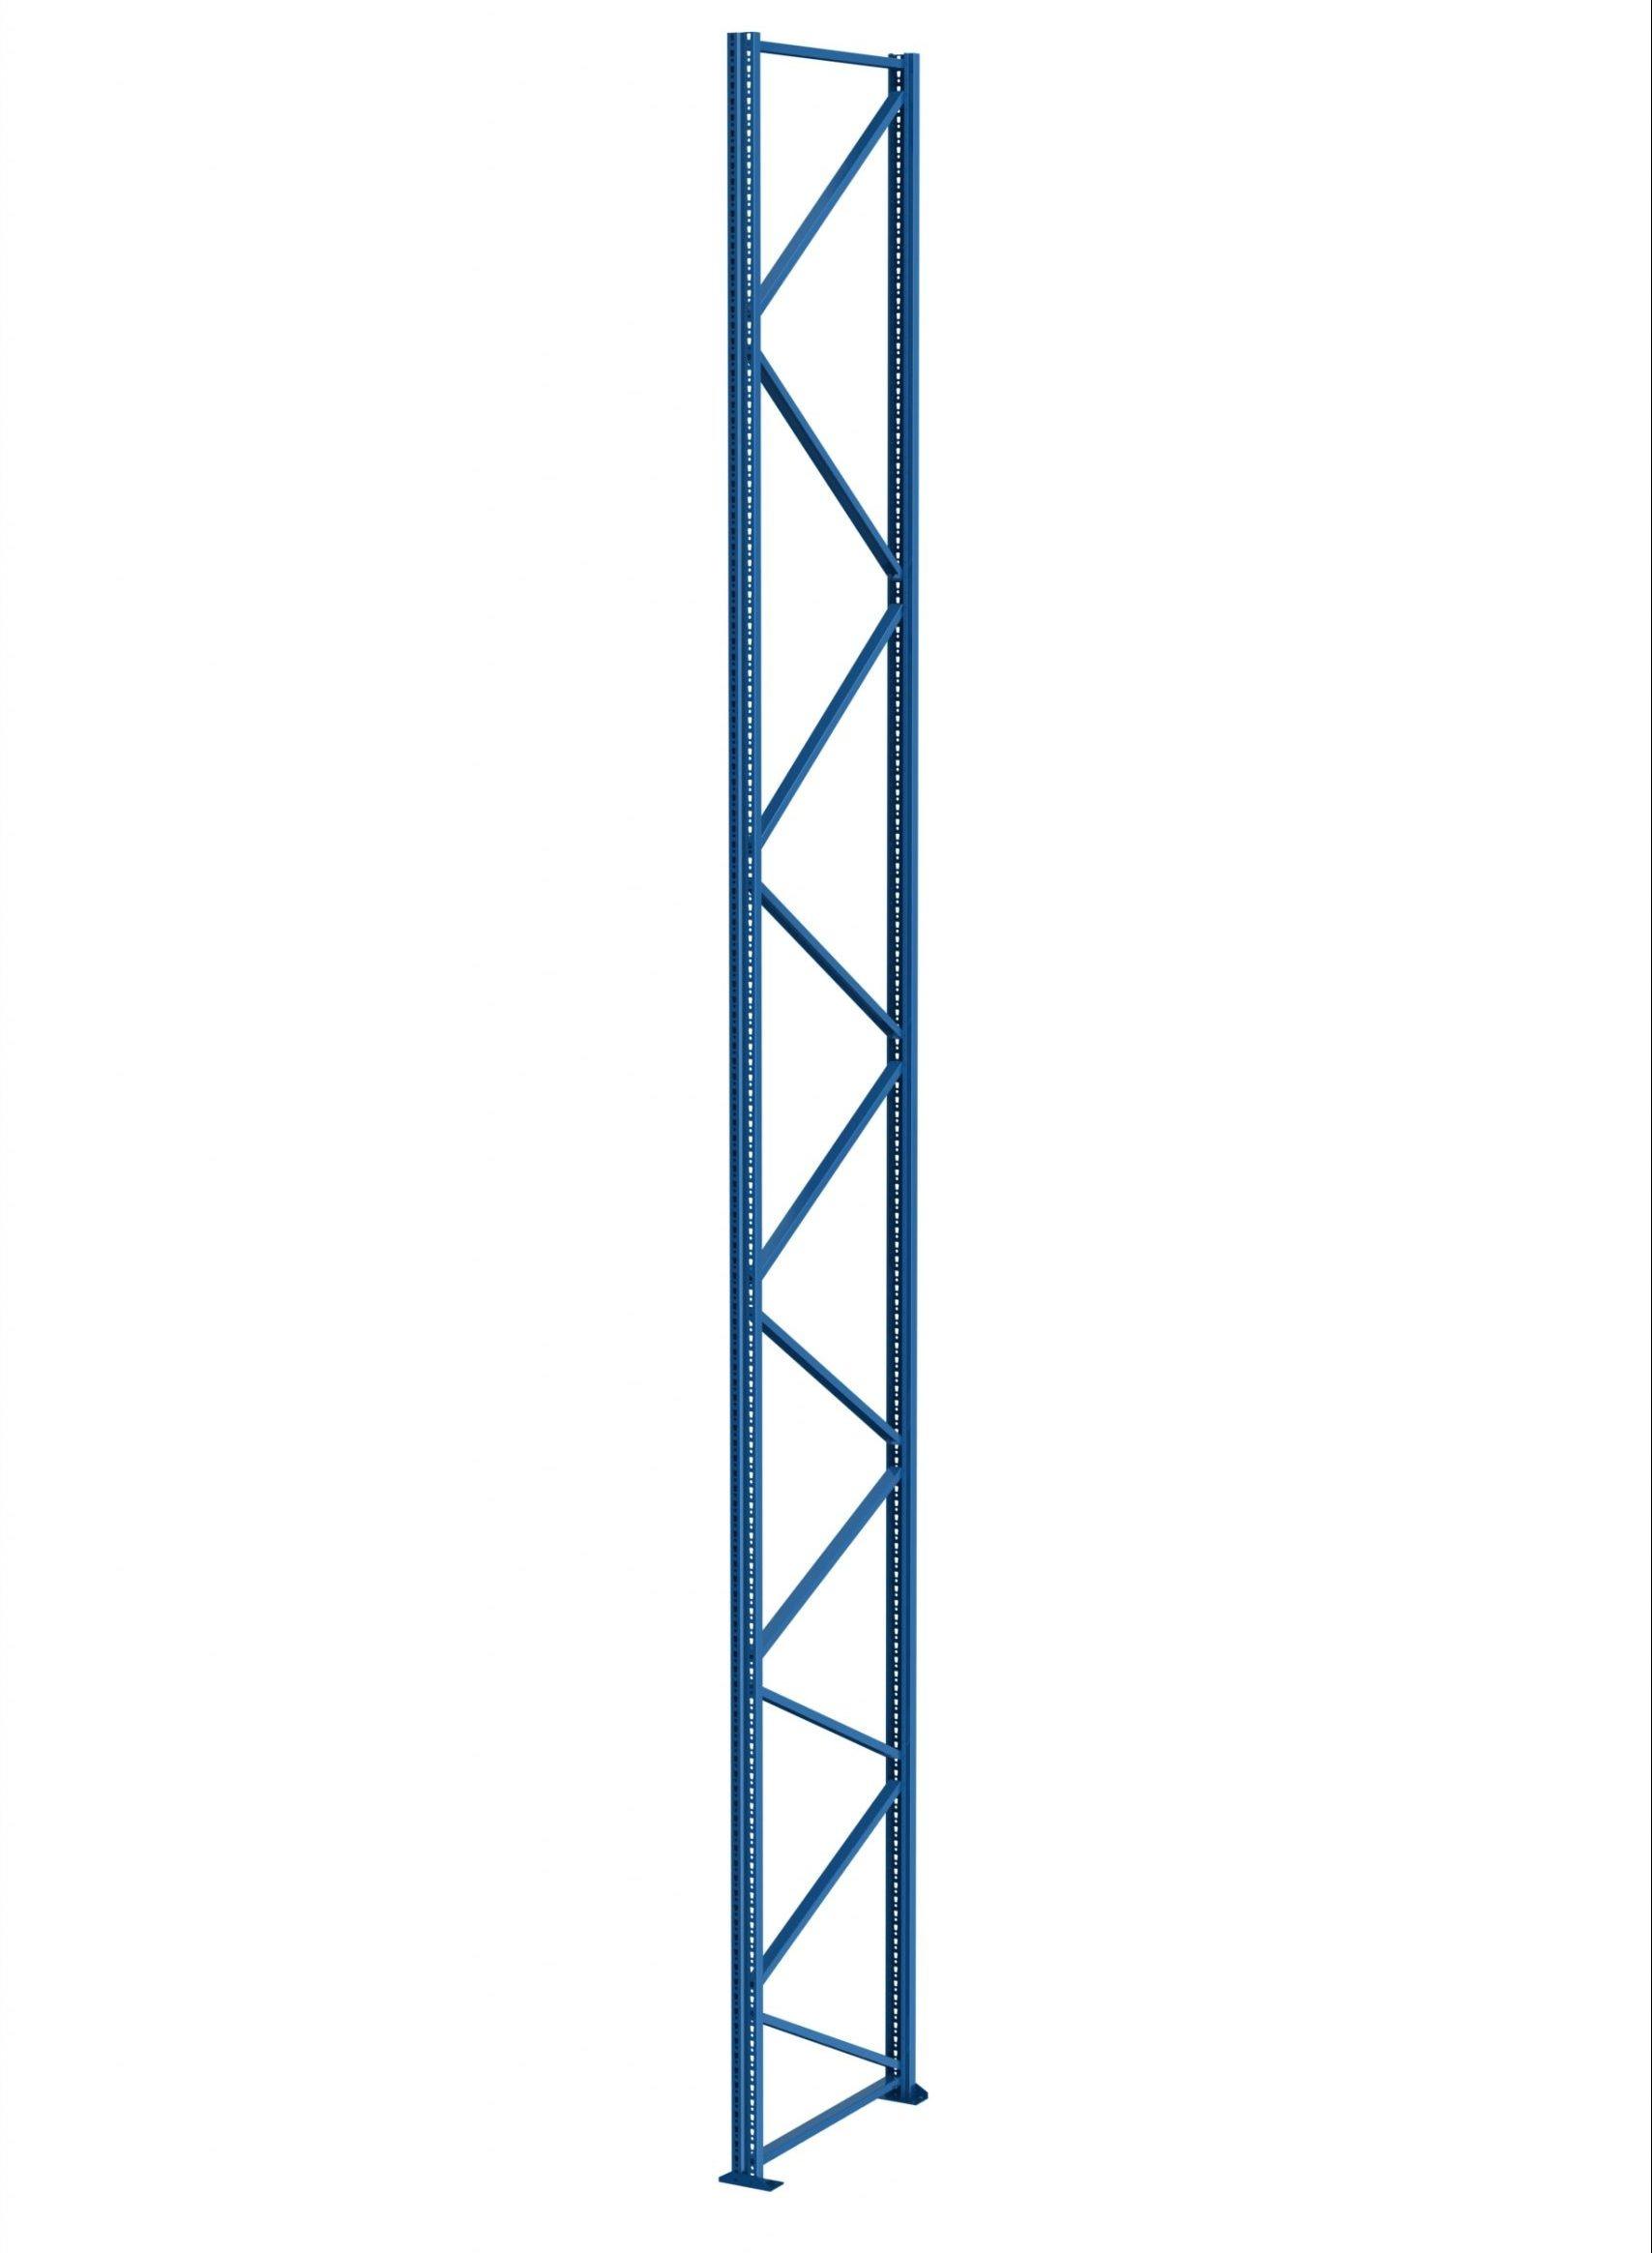 NEDCON Set Ständerrahmen Modell 10068204050 Höhe 7000 mm, Tiefe 1100 mm